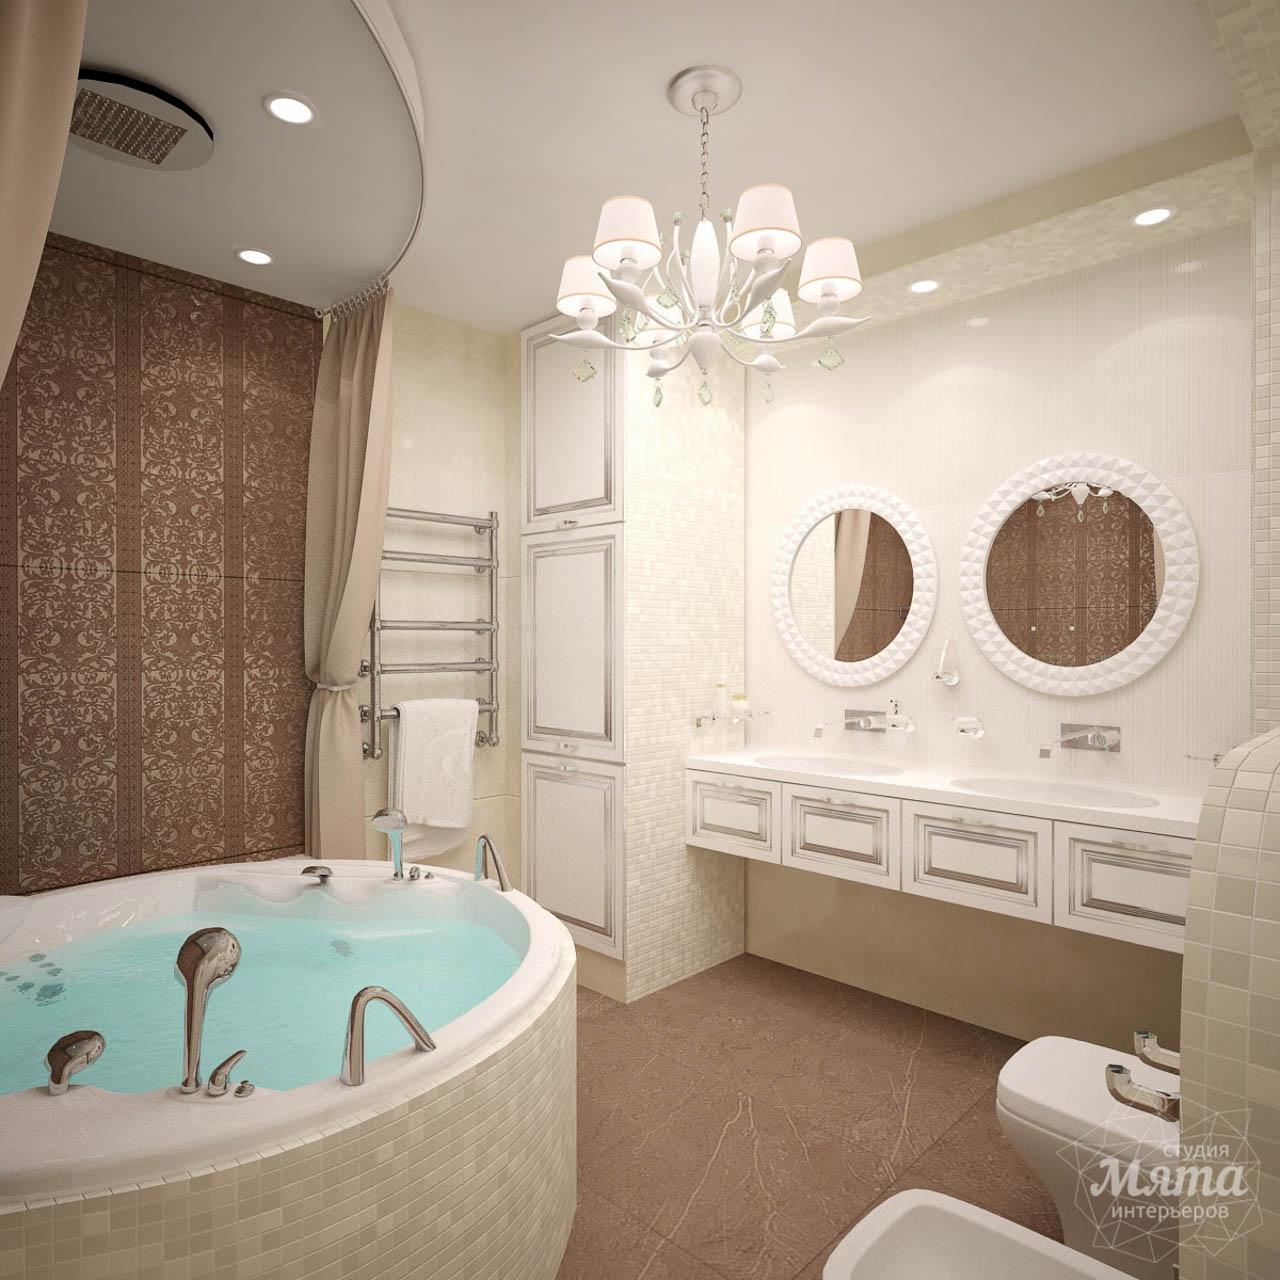 Дизайн интерьера четырехкомнатной квартиры по ул. Шевченко 18 img1857361558